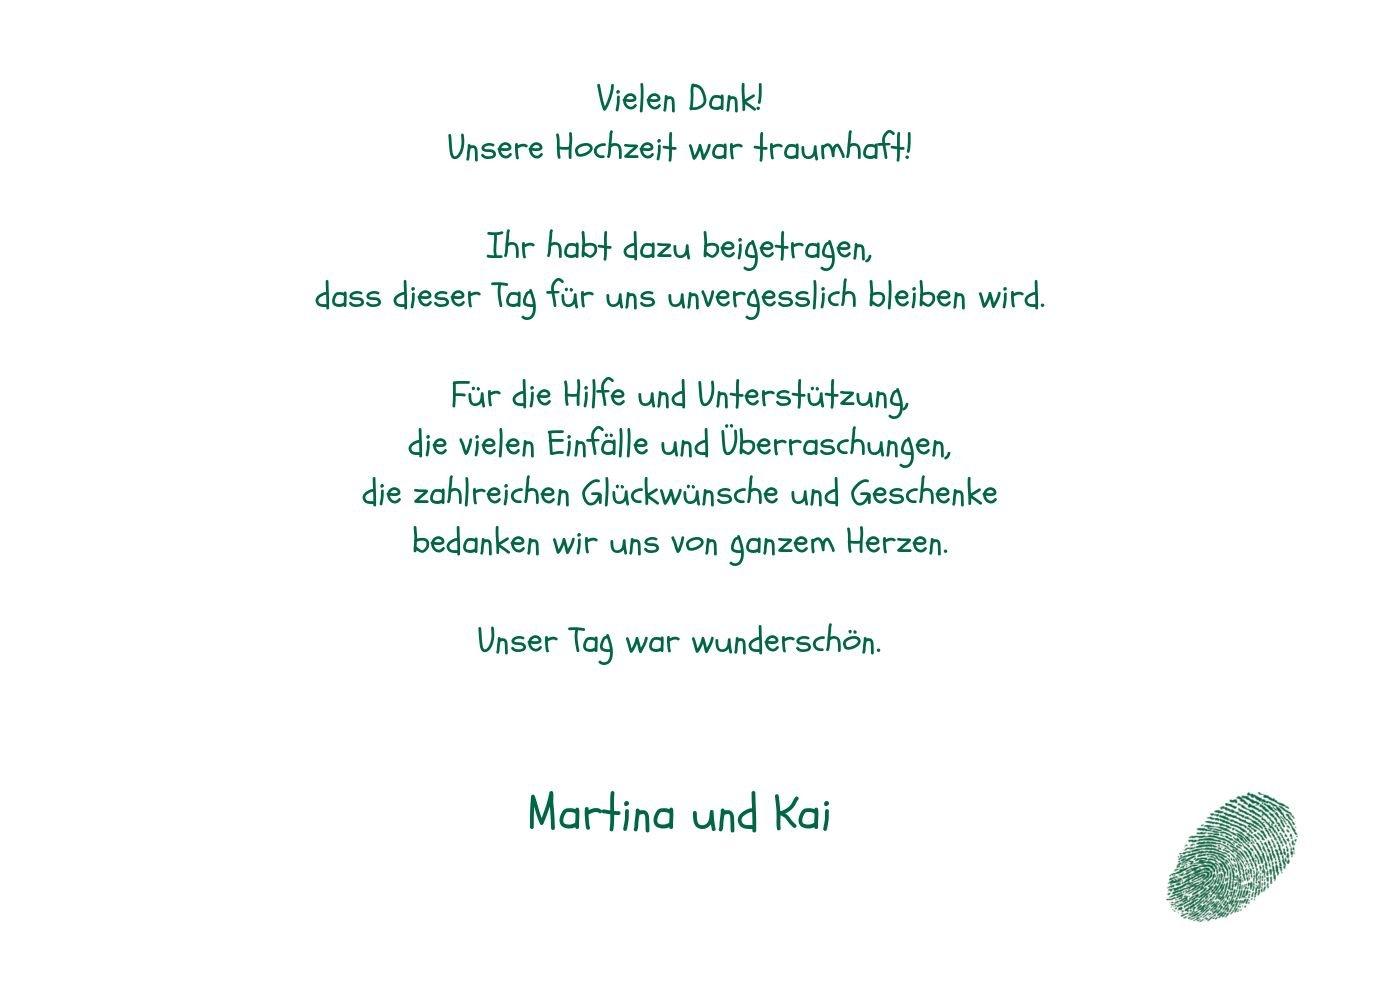 Kartenparadies Kartenparadies Kartenparadies Danksagung für Hochzeitsgeschenke Hochzeit Dankeskarte fingerprint, hochwertige Danksagungskarte Hochzeitsglückwünsche inklusive Umschläge   20 Karten - (Format  148x105 mm) Farbe  Grau B01MR8ELMN | Schöne Kunst  | Clev ec8881